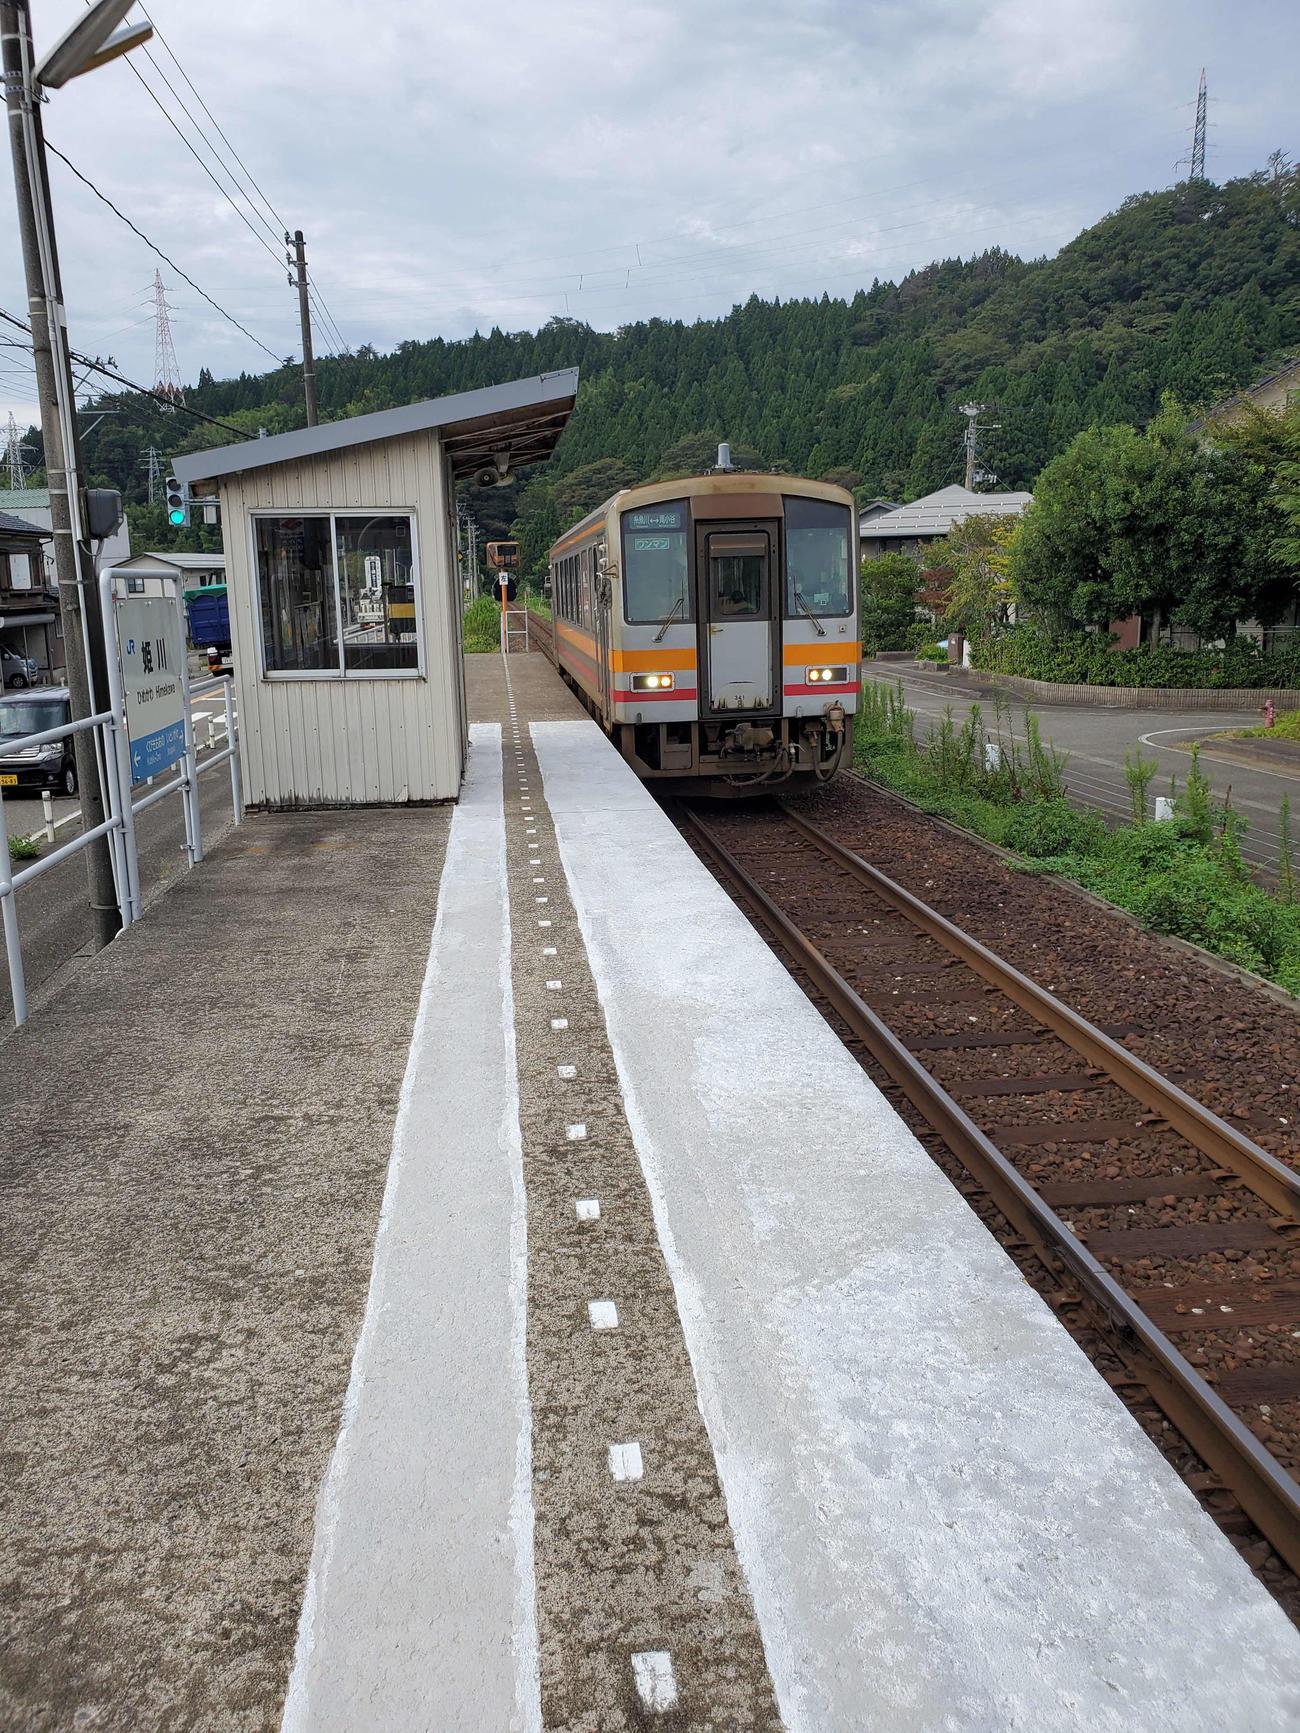 〈9〉JR西日本のローカル線といえばこちら。キハ120がやってきた